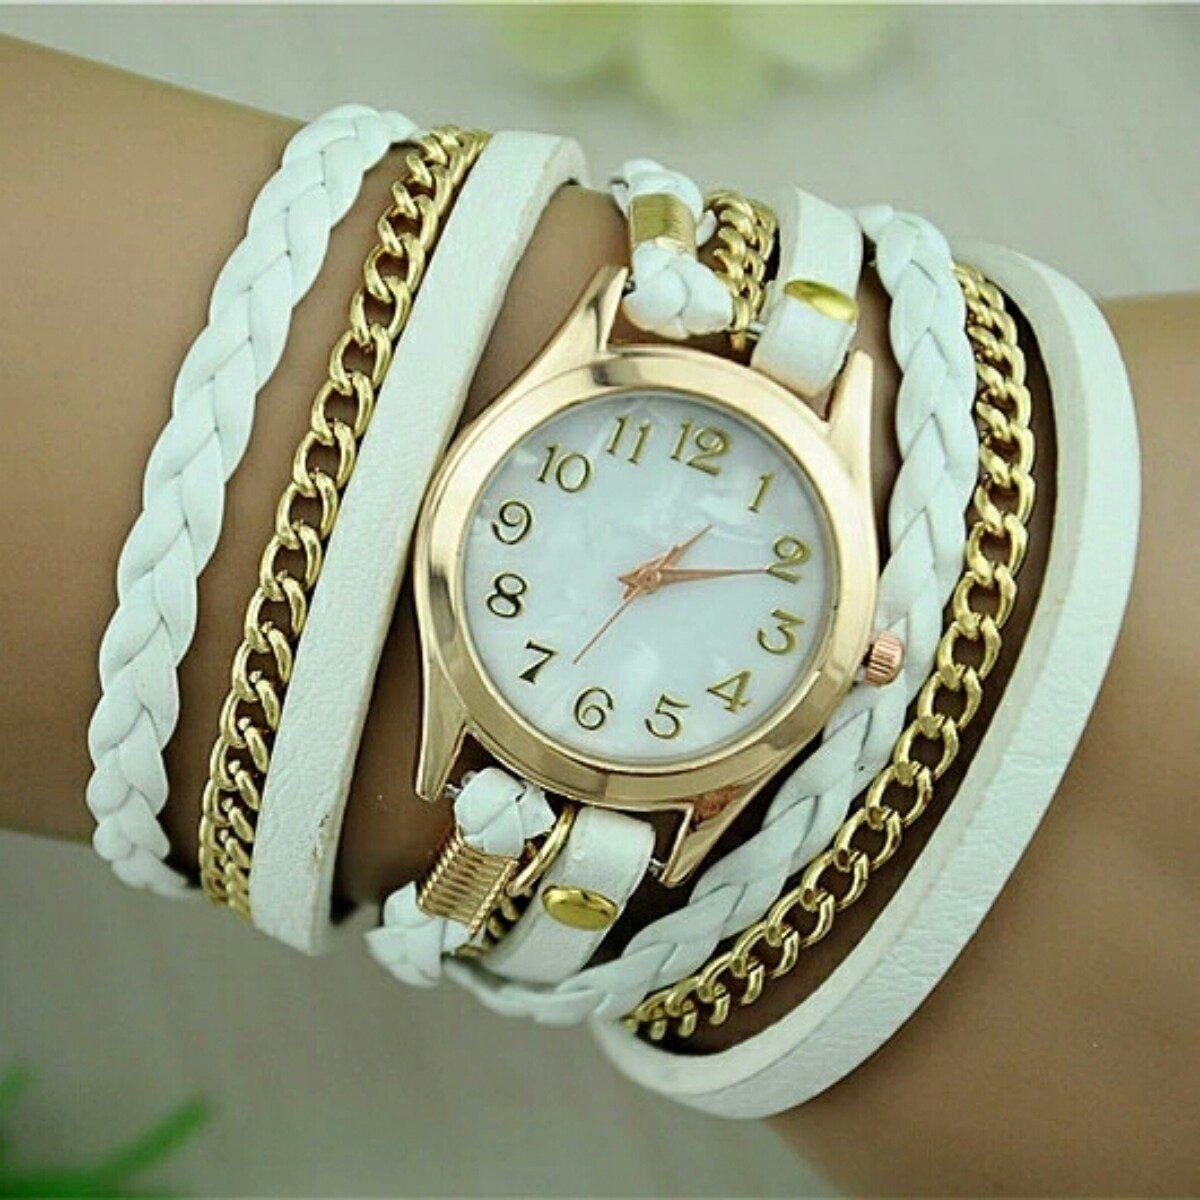 643da7a253a relógio feminino bracelete dourado pronta entrega strass top. Carregando  zoom.